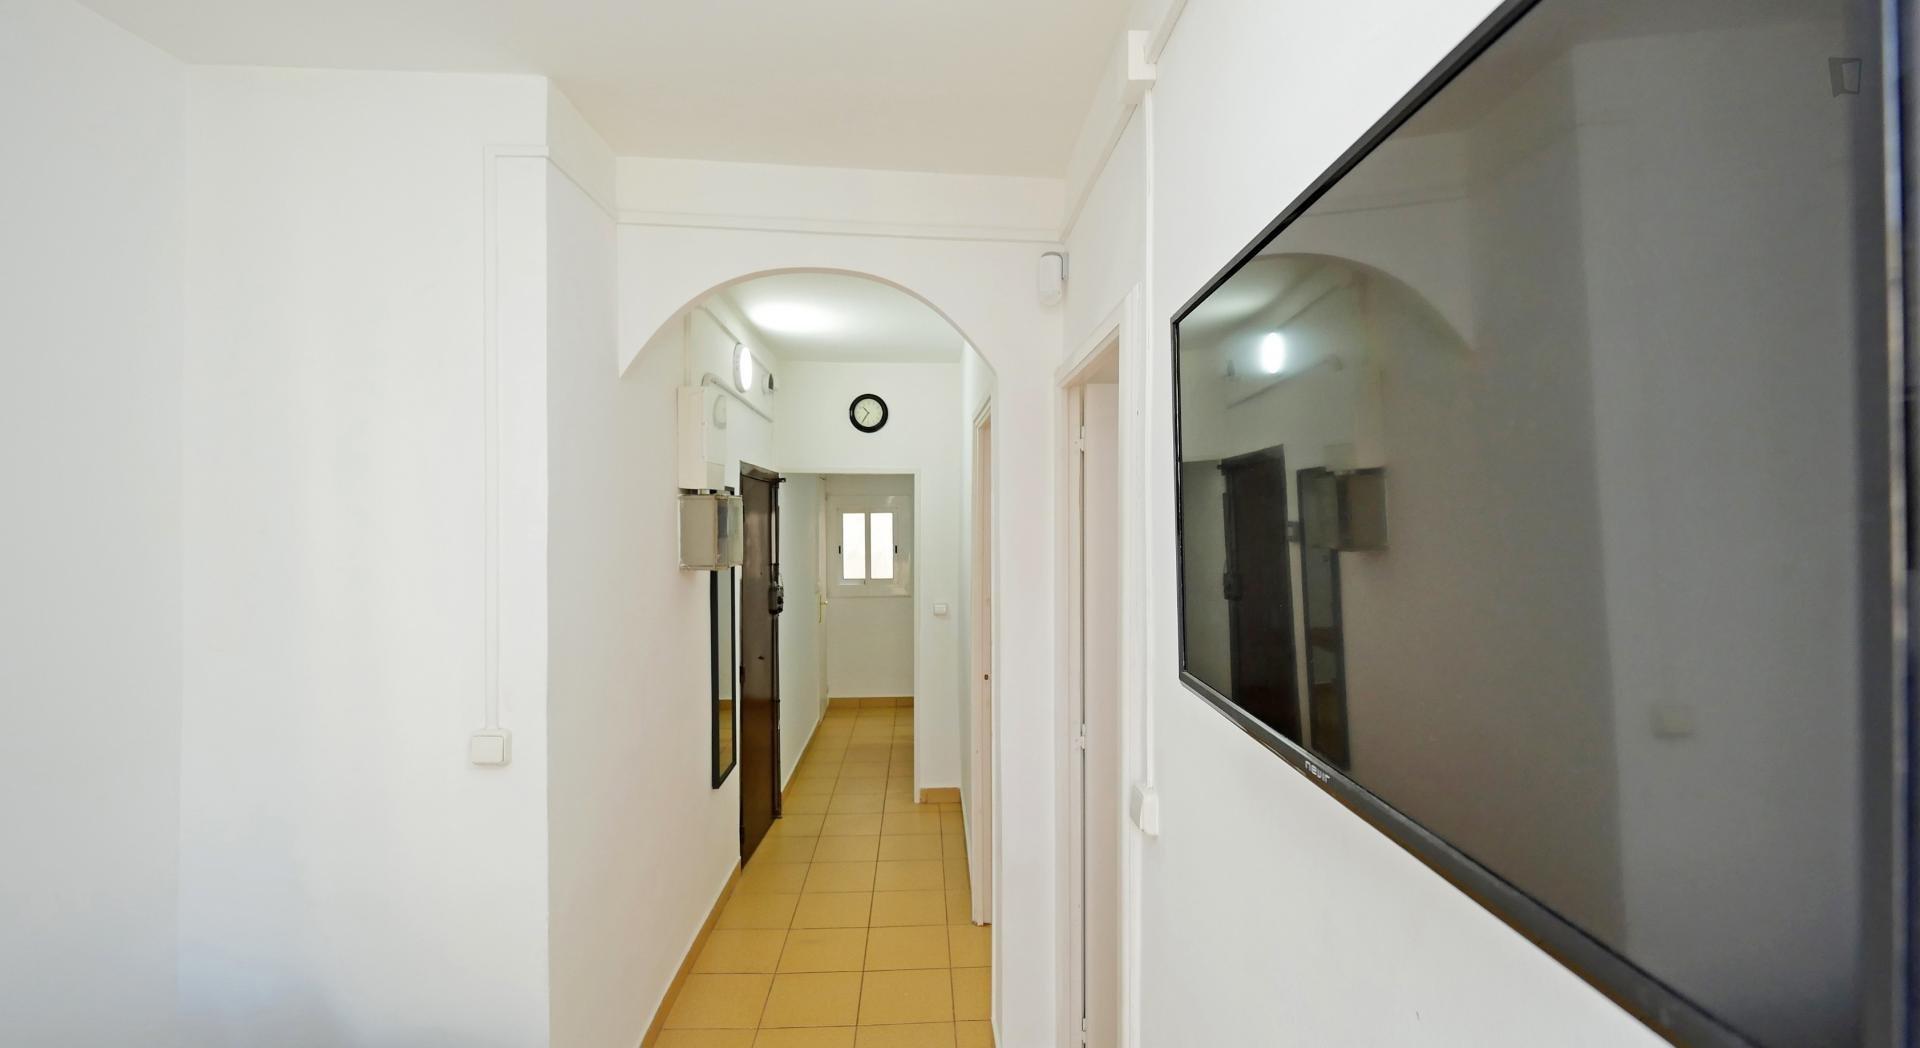 Ciutadella 2 - Single Ciutadella 2 - Dormitorio en piso en Barcelona in Barcelona